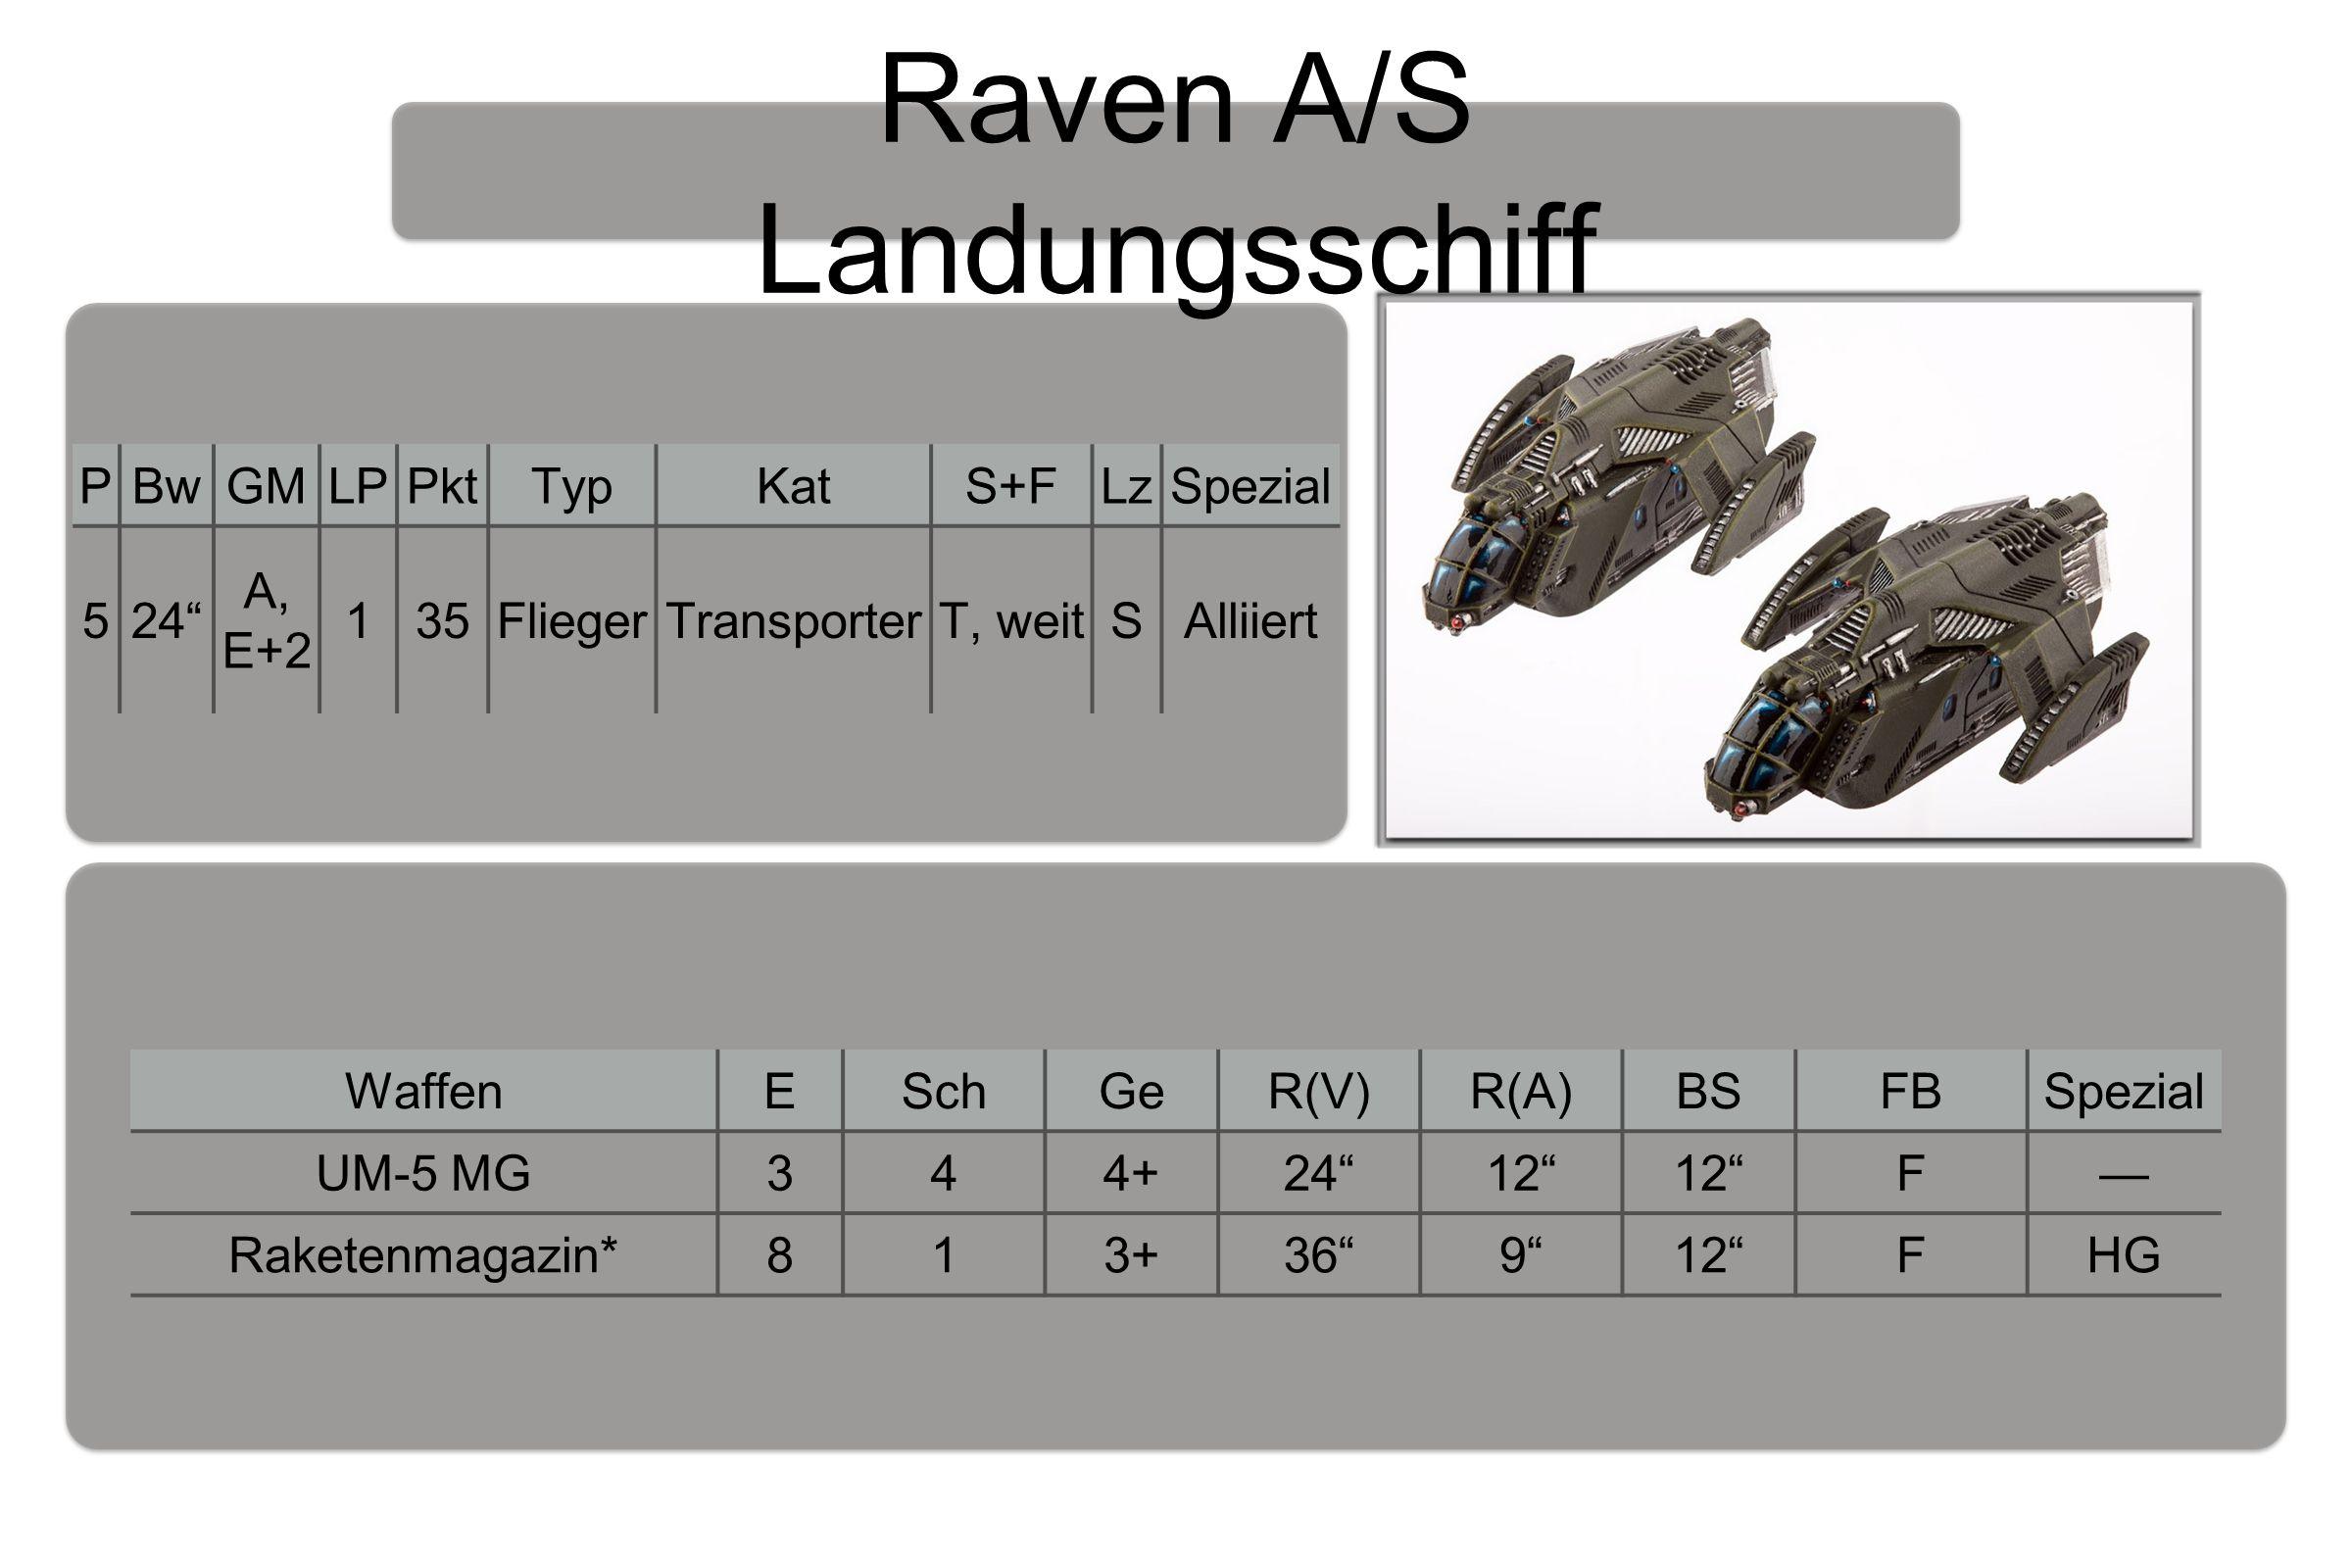 P BwGMLPPktTypKatS+FLzSpezial 5 24 A, E+2 135FliegerTransporterT, weitSAlliiert WaffenESchGeR(V)R(A)BSFBSpezial UM-5 MG344+24 12 F— Raketenmagazin*813+36 9 12 FHG Raven A/S Landungsschiff